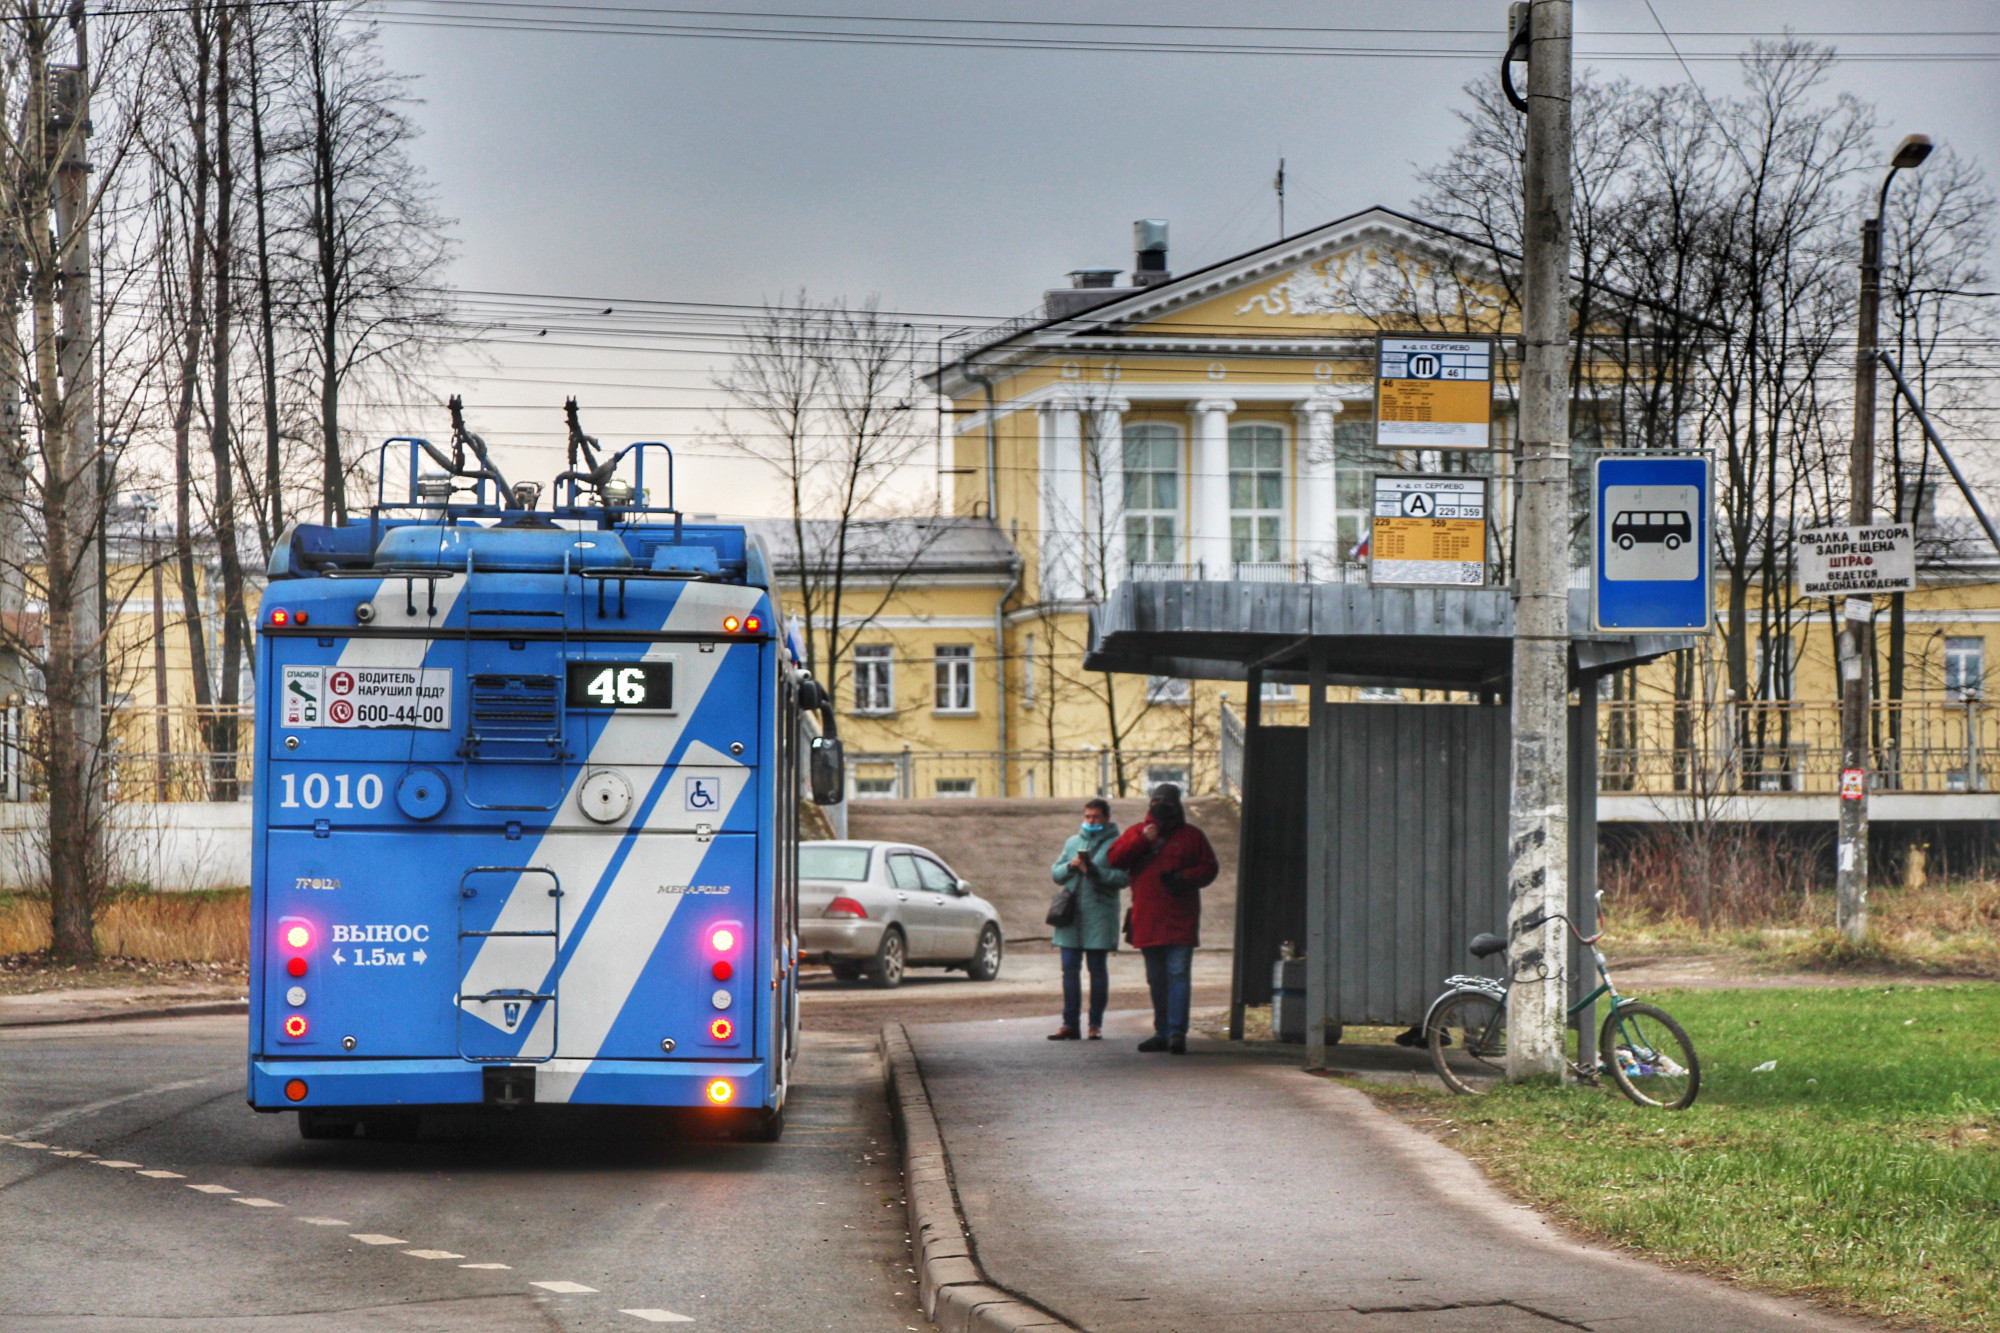 троллейбус 46, электробус, железнодорожная станция Сергиево